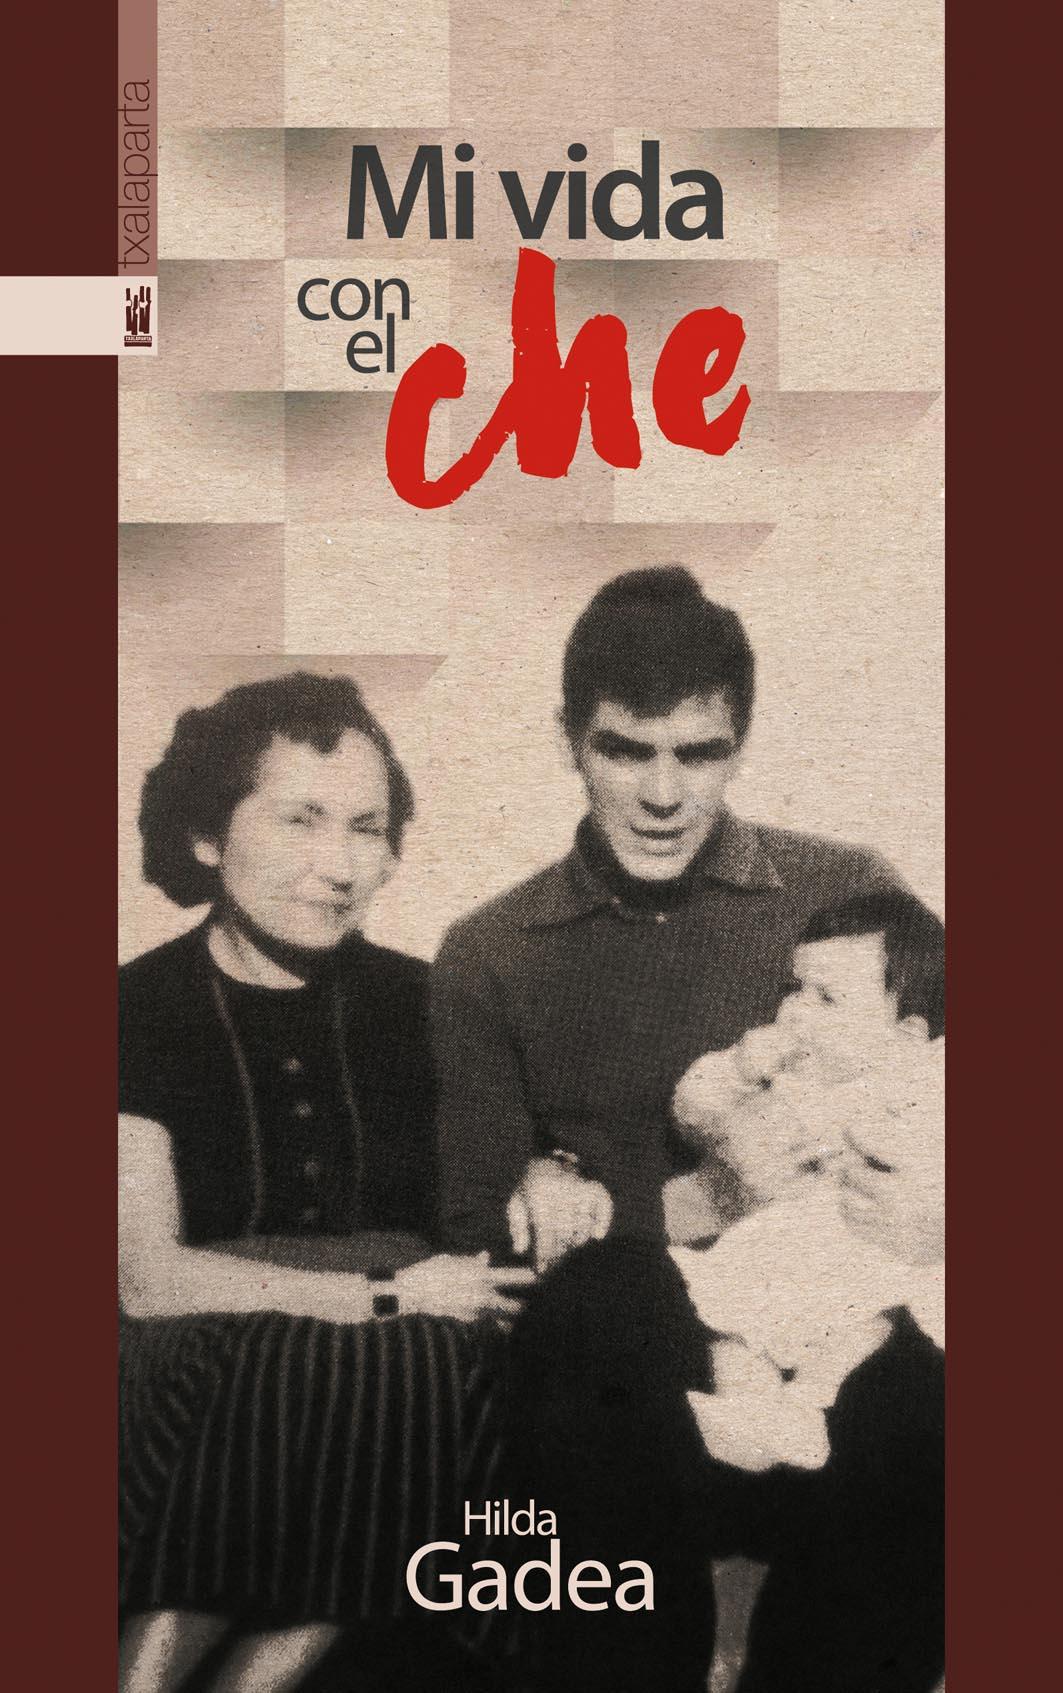 Considero que la vida de Ernesto es la de un hombre integral, cuya  verdadera comprensión alienta la lucha por la justicia en América Latina y  otras partes ...